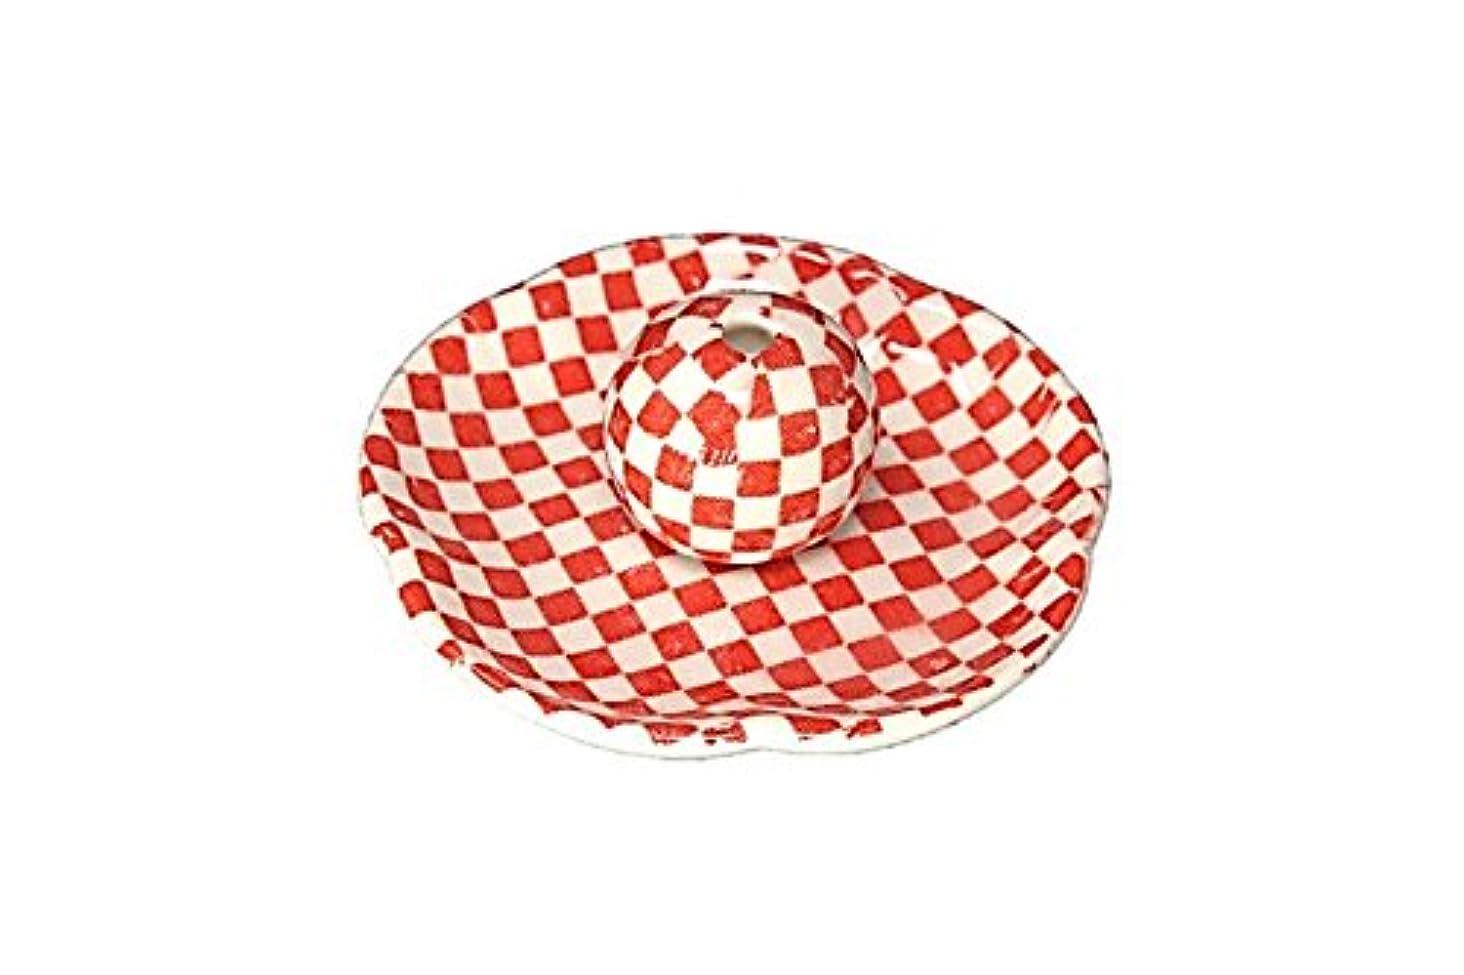 わかる蓋弱い市松 赤 花形香皿 お香立て 日本製